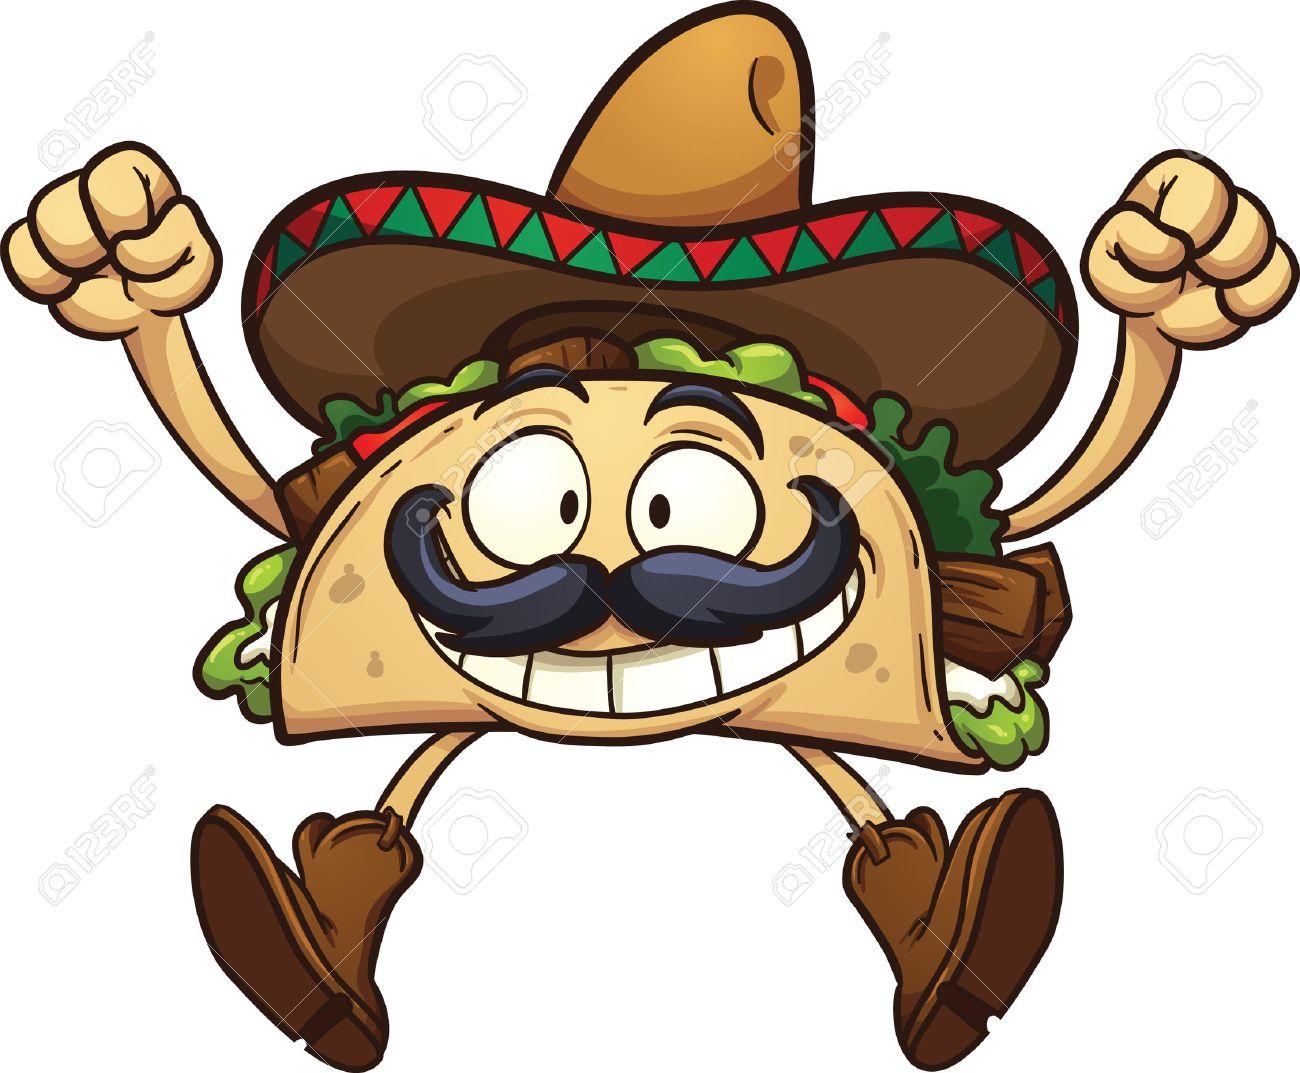 Feliz de dibujos animados de taco con sombrero mexicano. Vector de imágenes  prediseñadas ilustración con 0fc7f230832